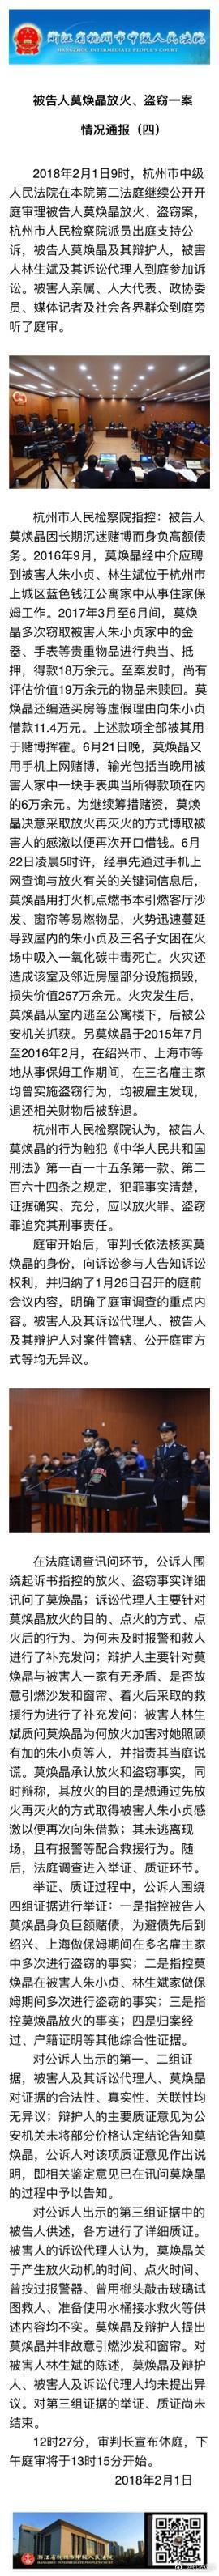 澳门新金沙国际:保姆纵火案庭审:林生斌指责保姆莫焕晶当庭说谎